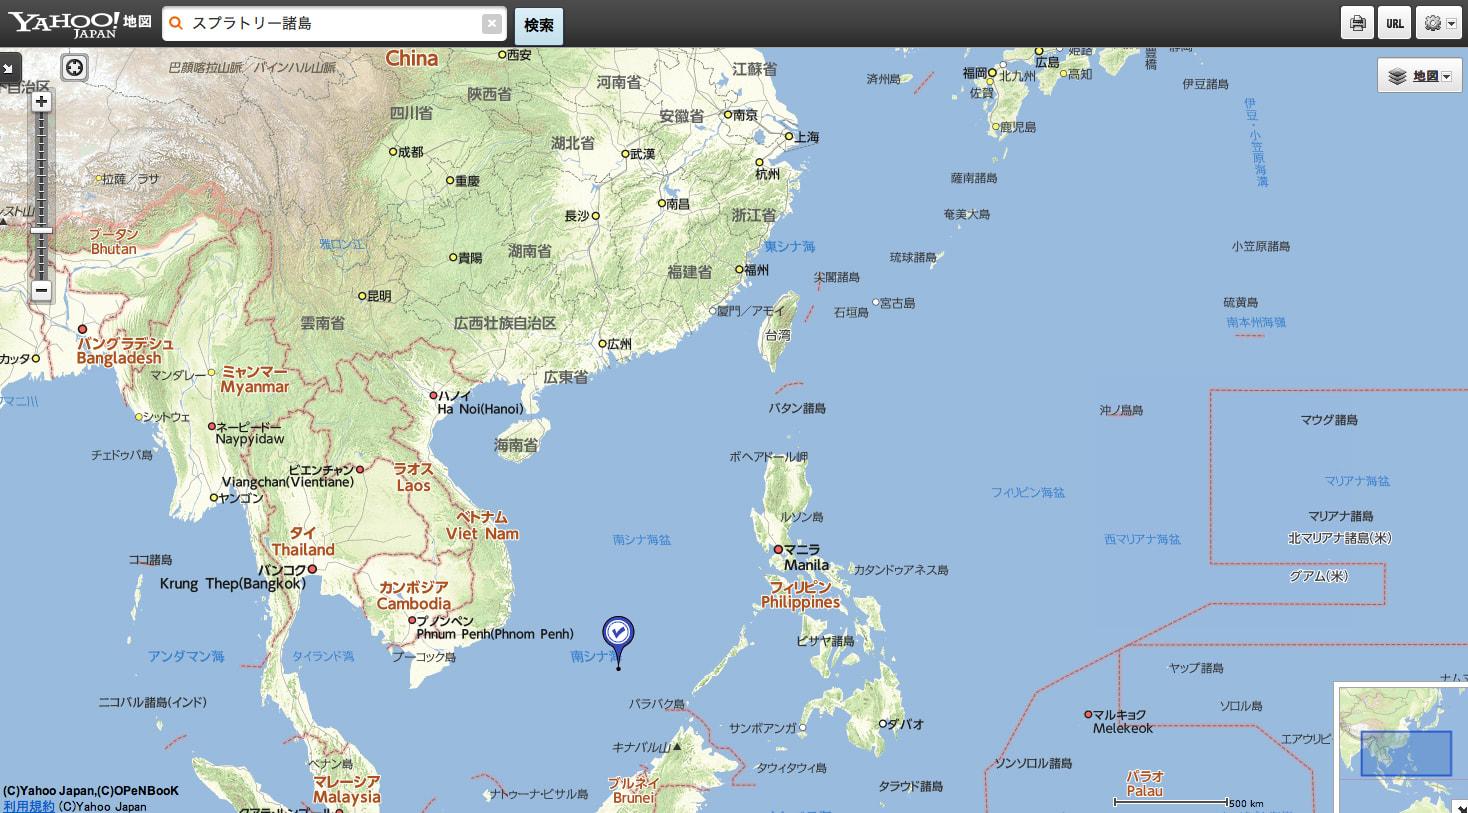 中国、フィリピンが領有権を争う...